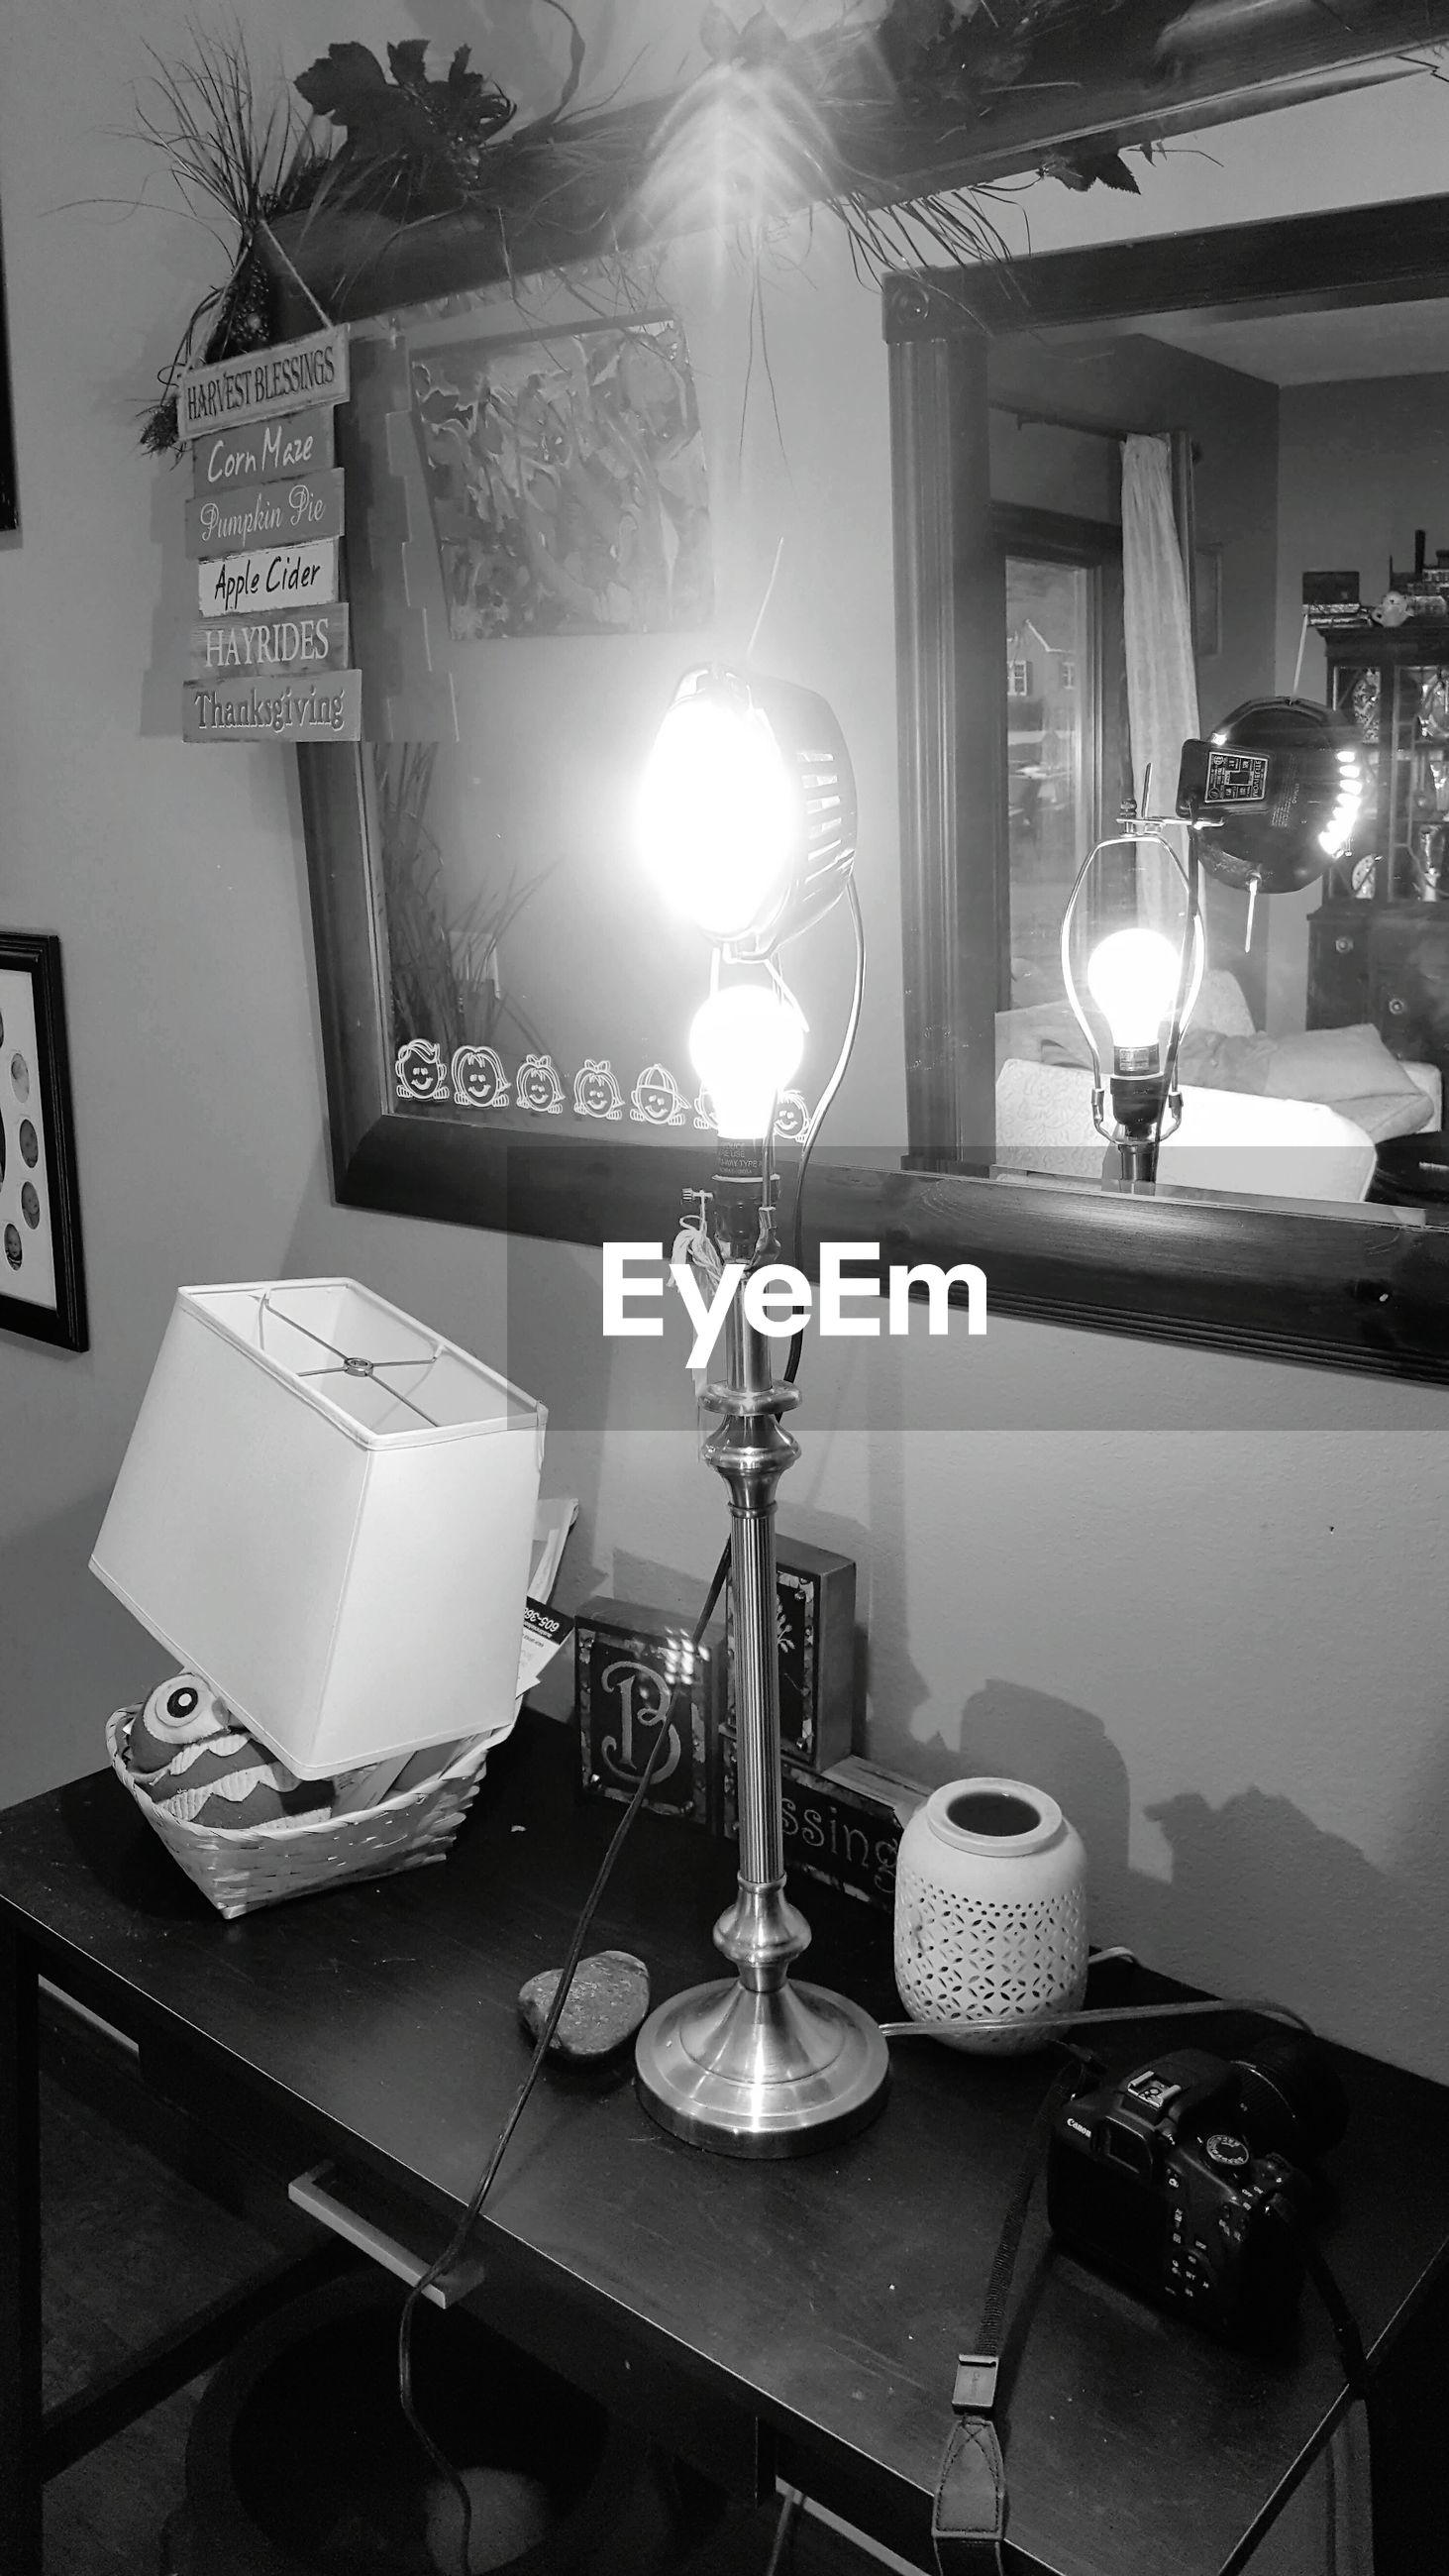 ILLUMINATED LAMP ON TABLE IN RESTAURANT